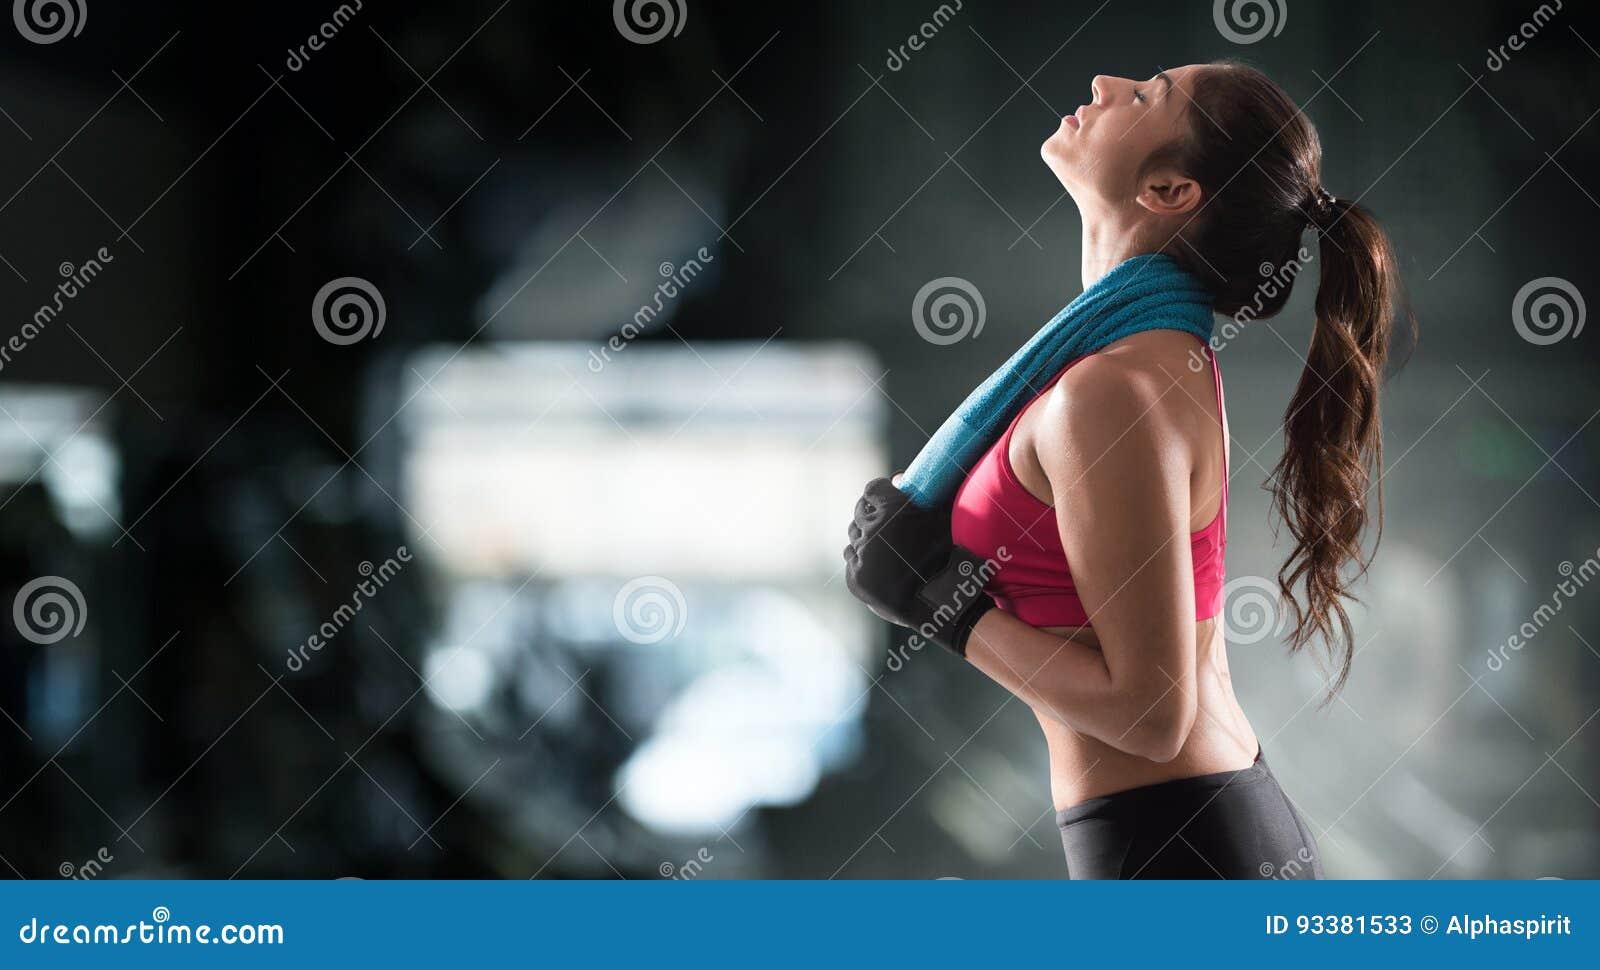 Mujer después del entrenamiento del gimnasio